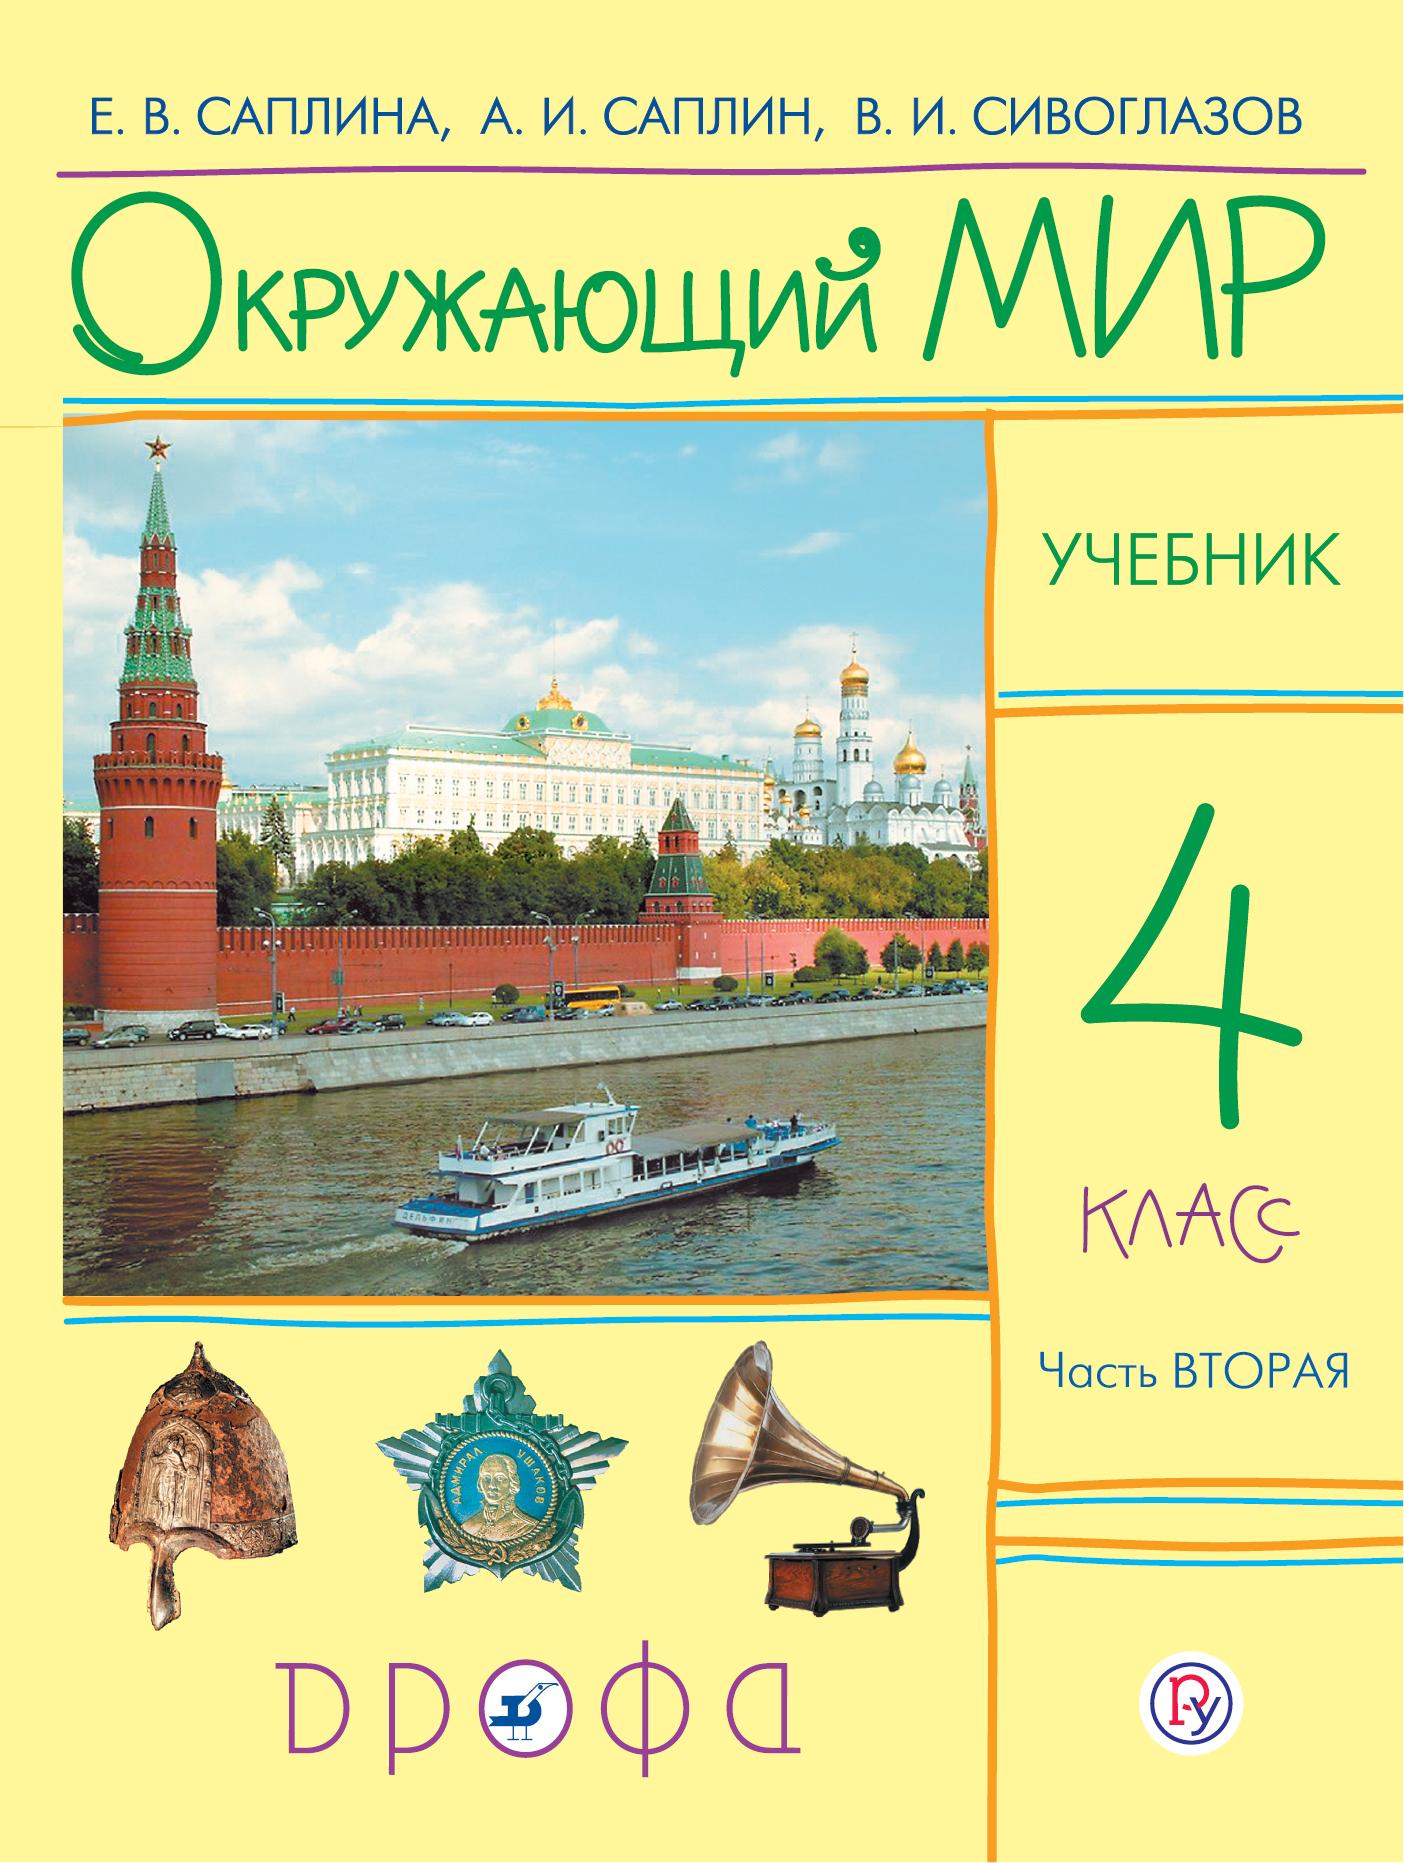 Окружающий мир. 4 класс. Учебник в 2-х частях. Ч. 2. ( Саплина Е.В., Сивоглазов В.И., Саплин А.И.  )